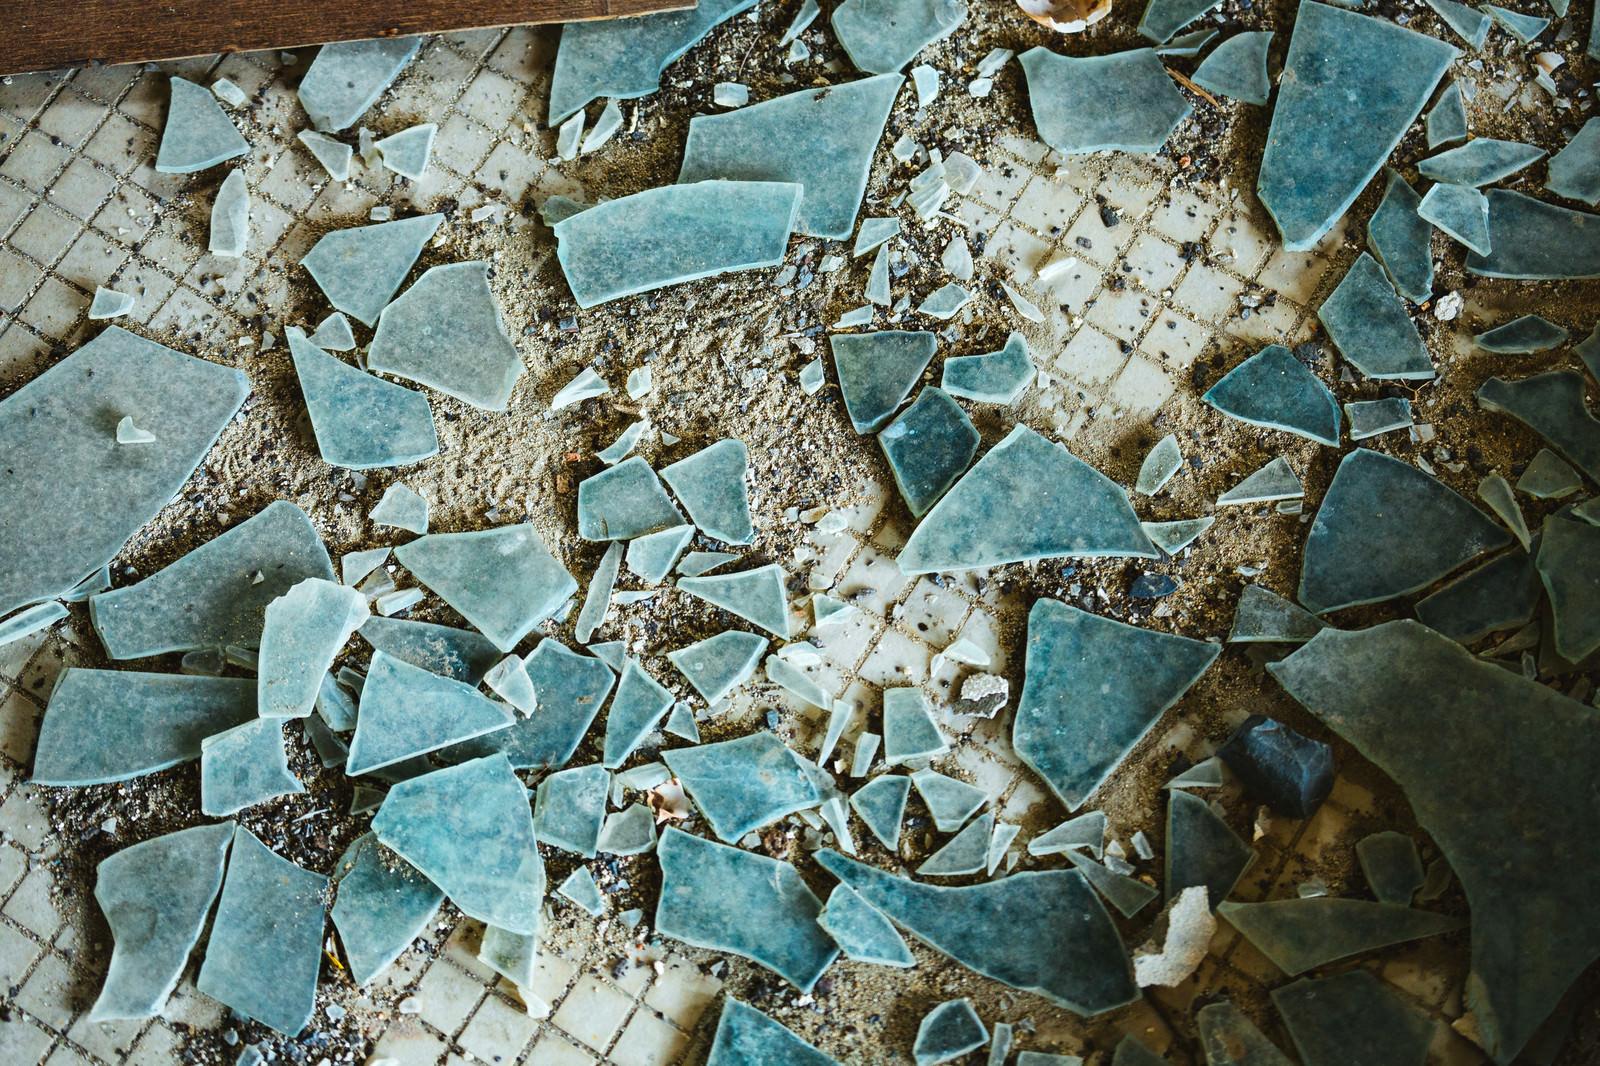 「散乱するガラス片」の写真